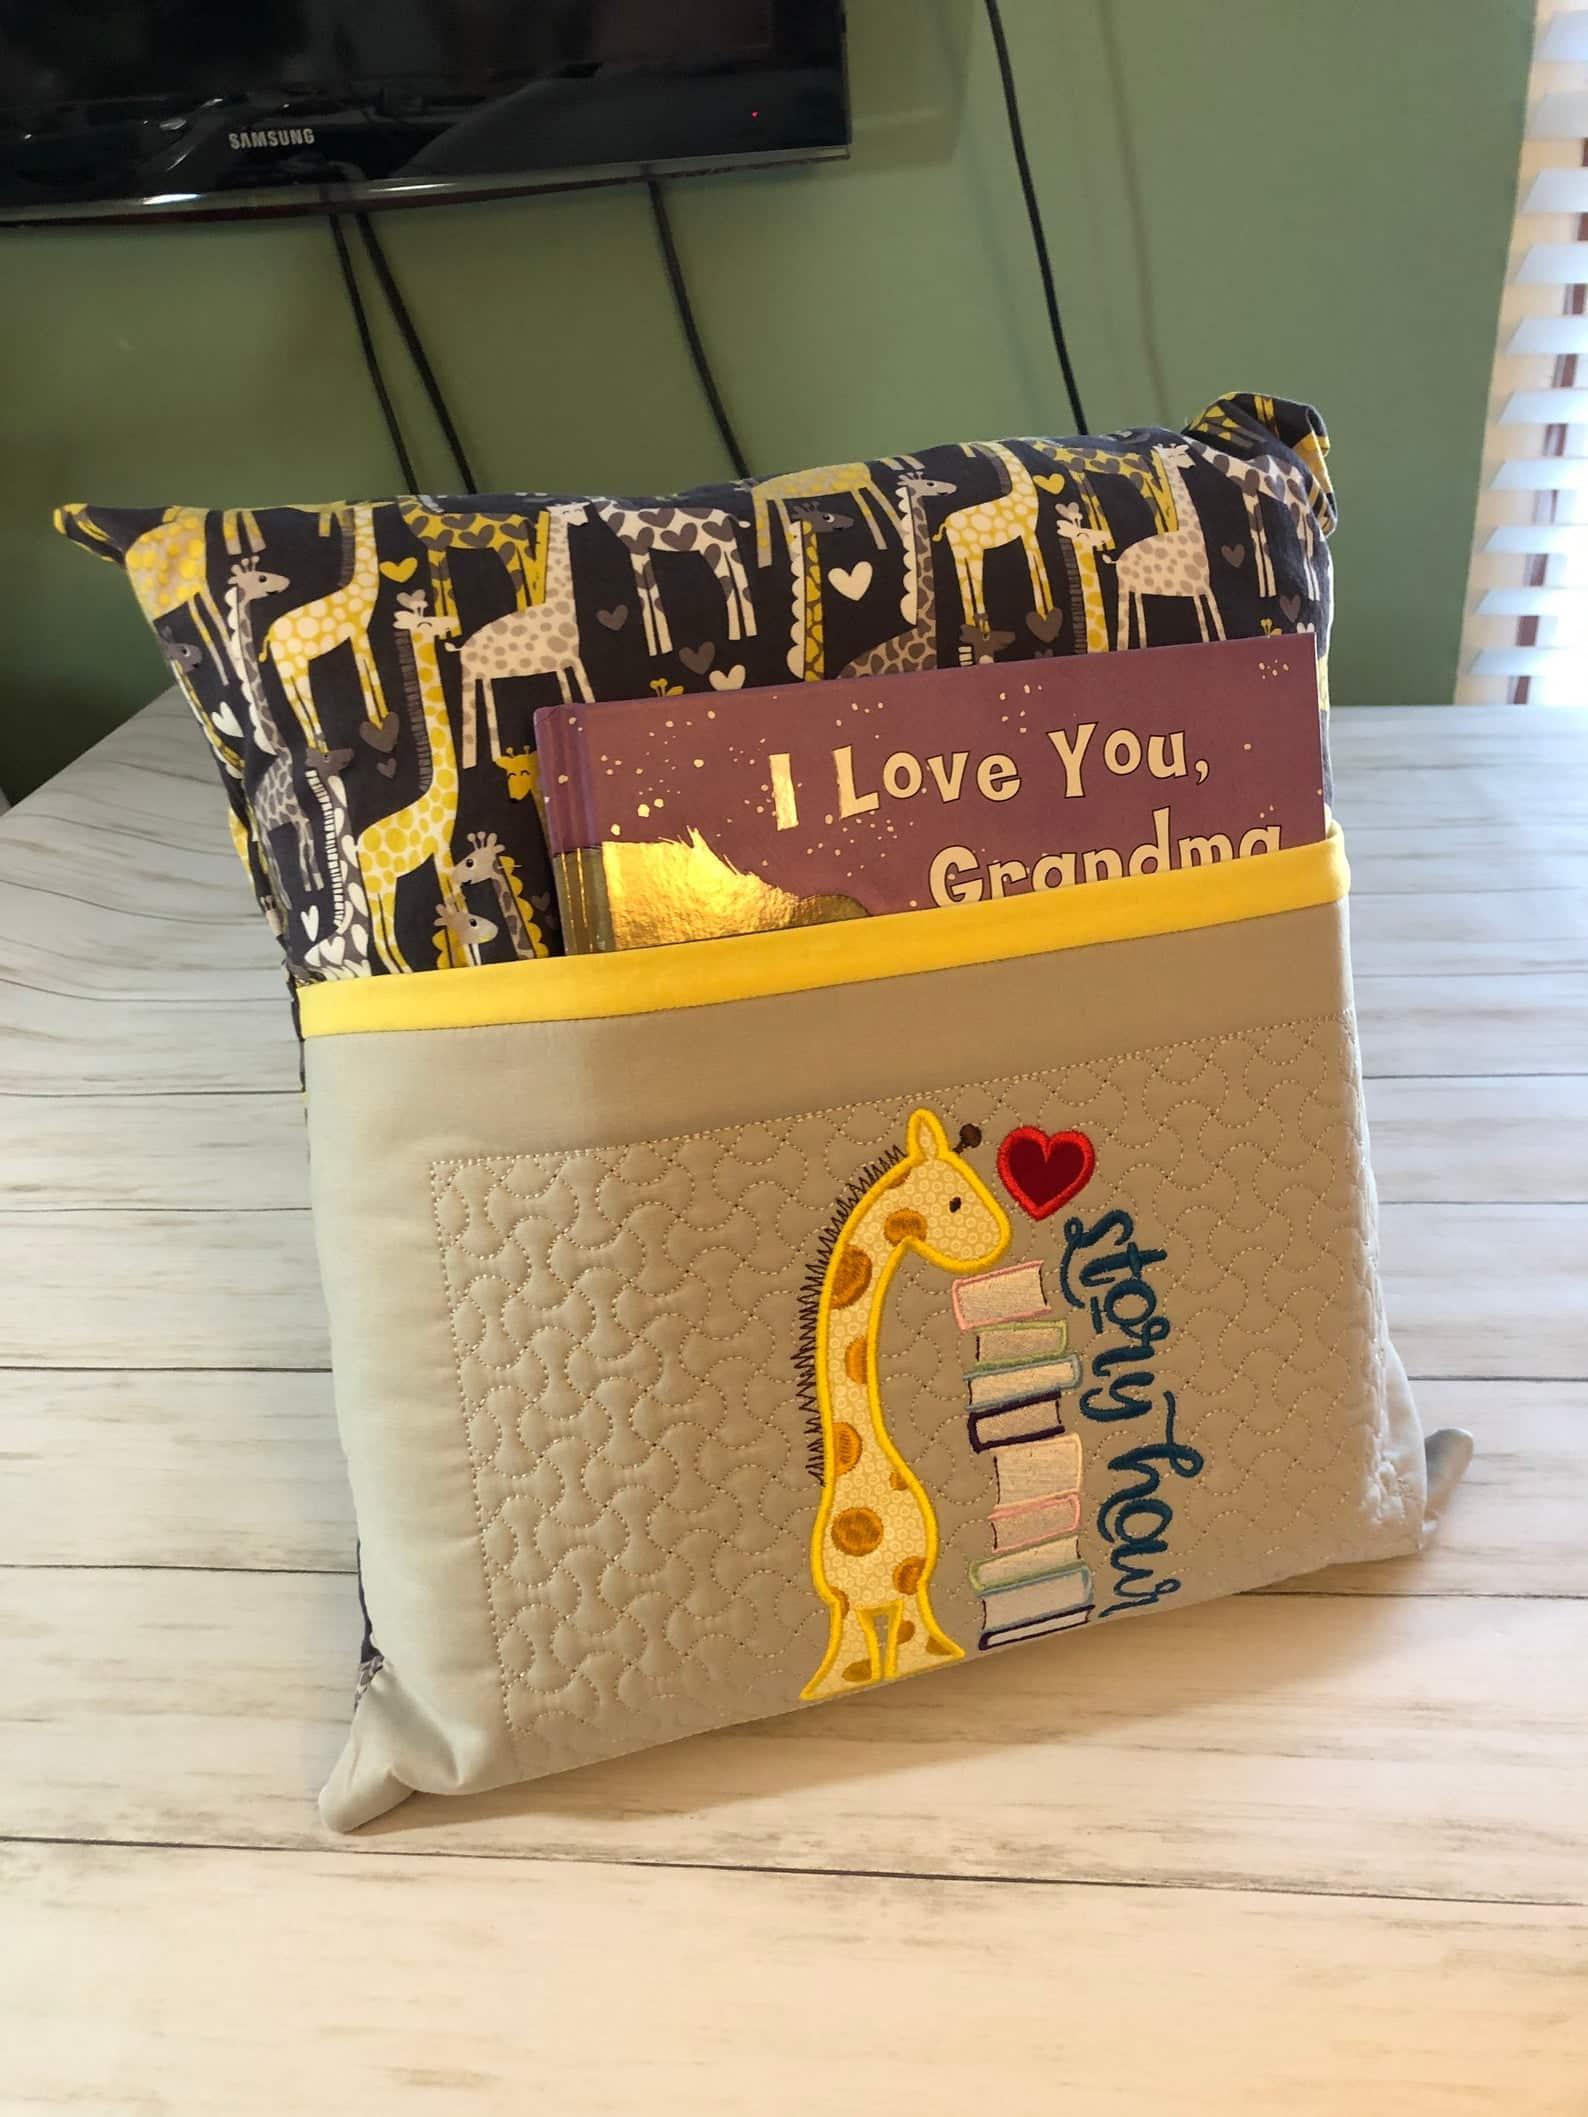 giraffe-gifts-reading-pillow